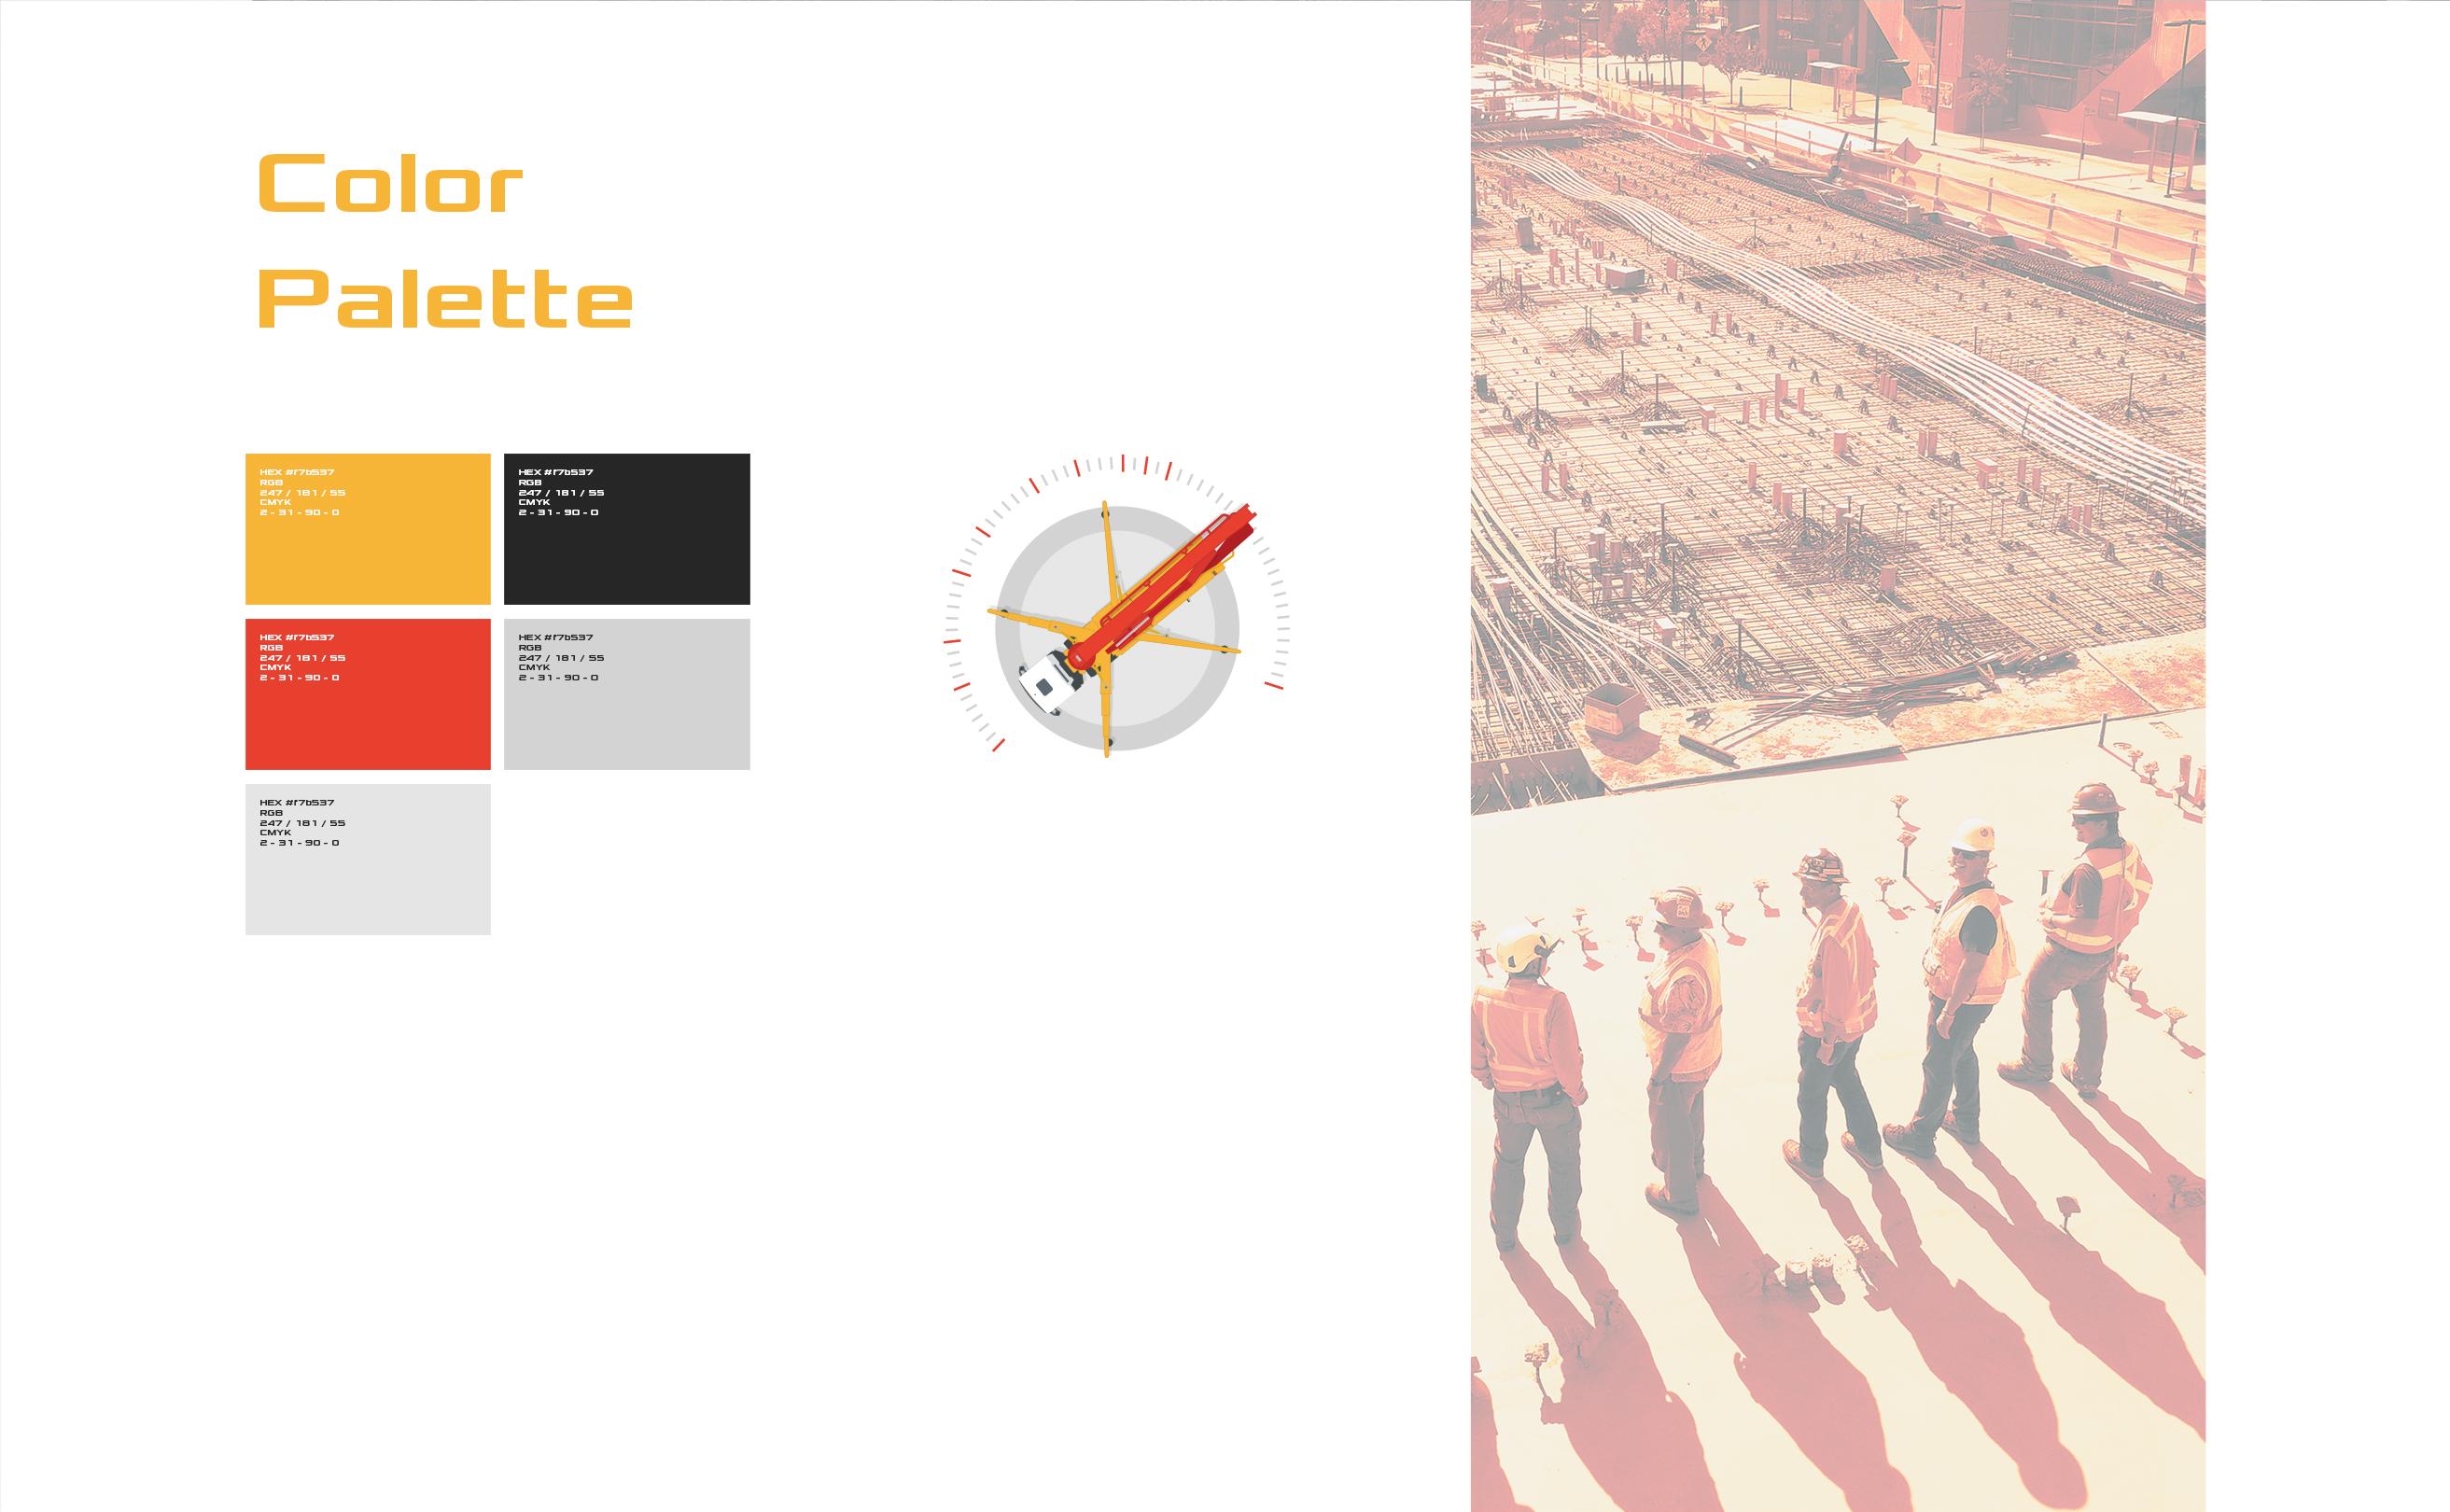 Разработать Брендбук с использованием готового логотипа фото f_2435fb67f0cd1882.jpg